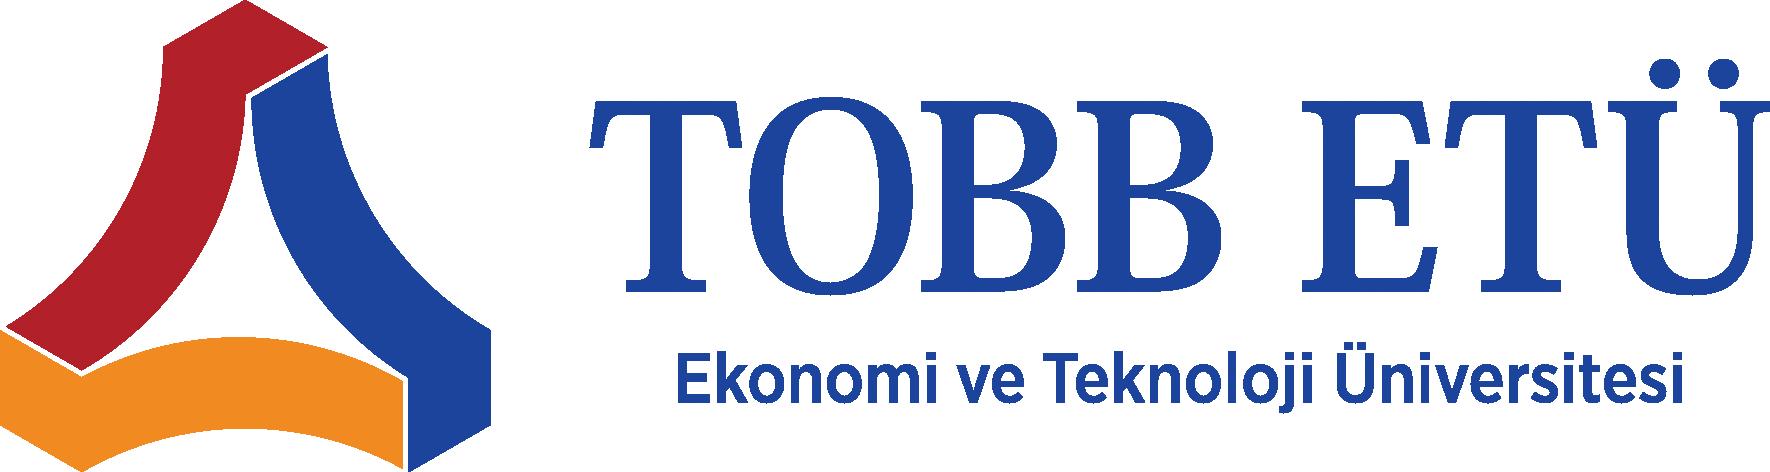 tobb_etu_yatay_tr